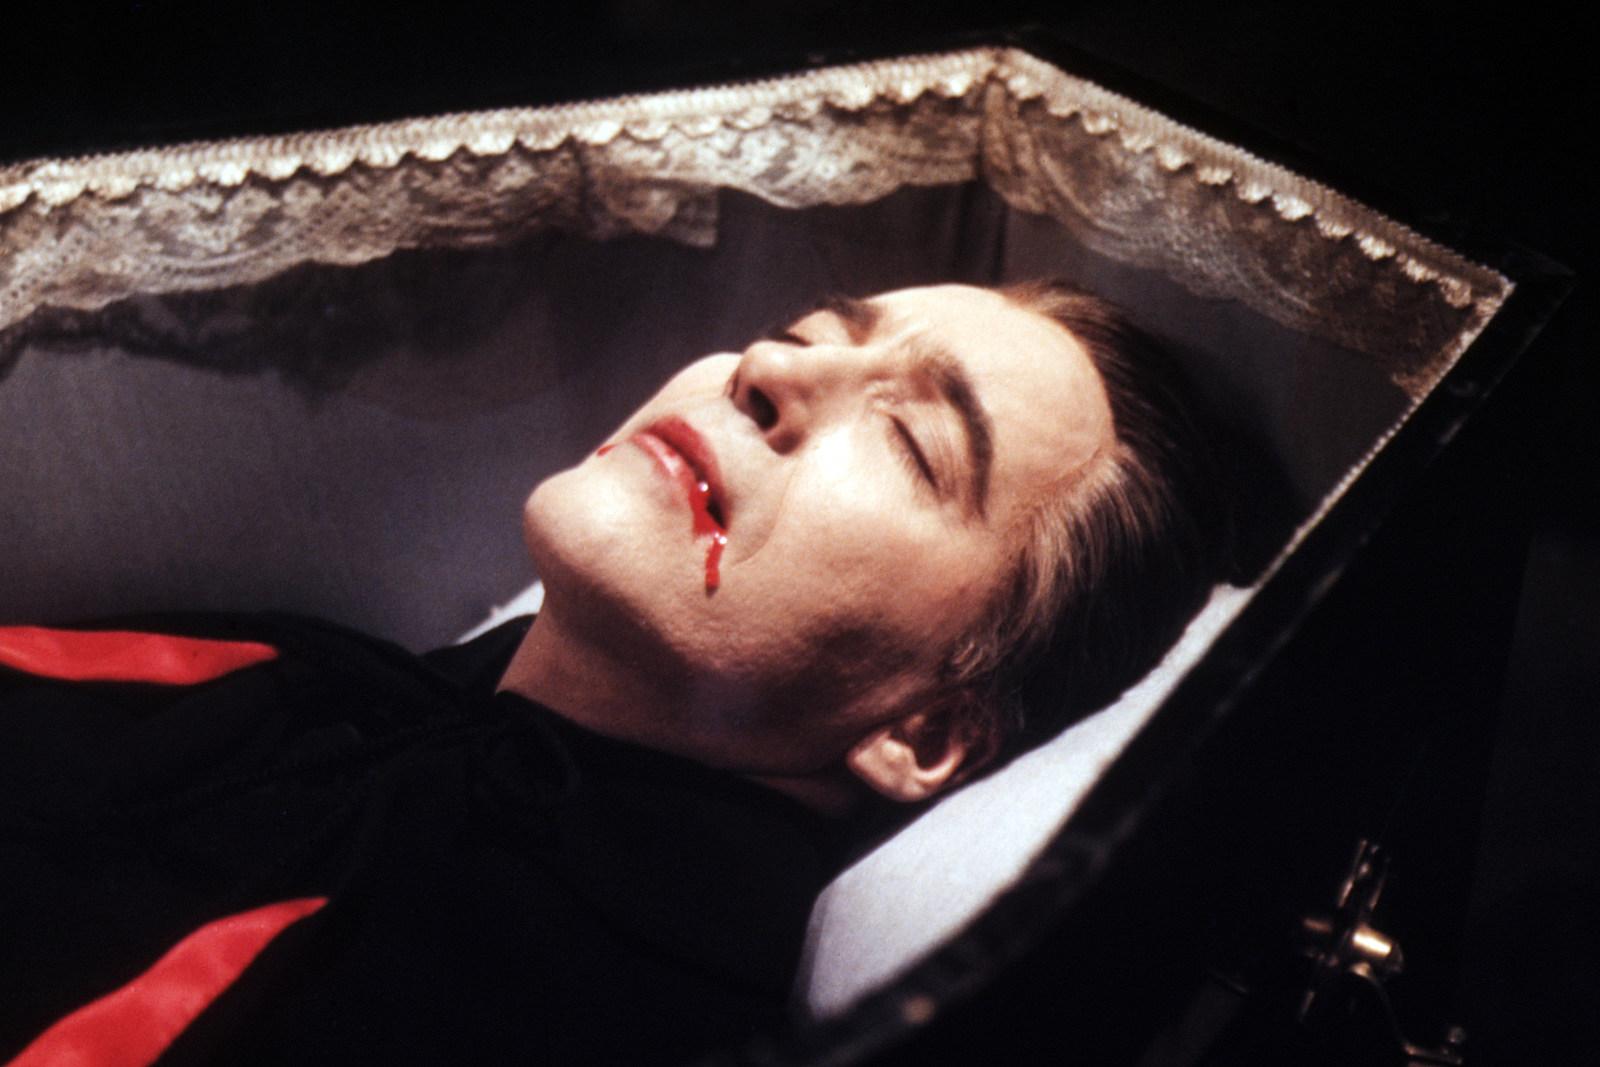 دانلود فیلم خون آشامی تابوت دراکولا – Dracula's Coffin